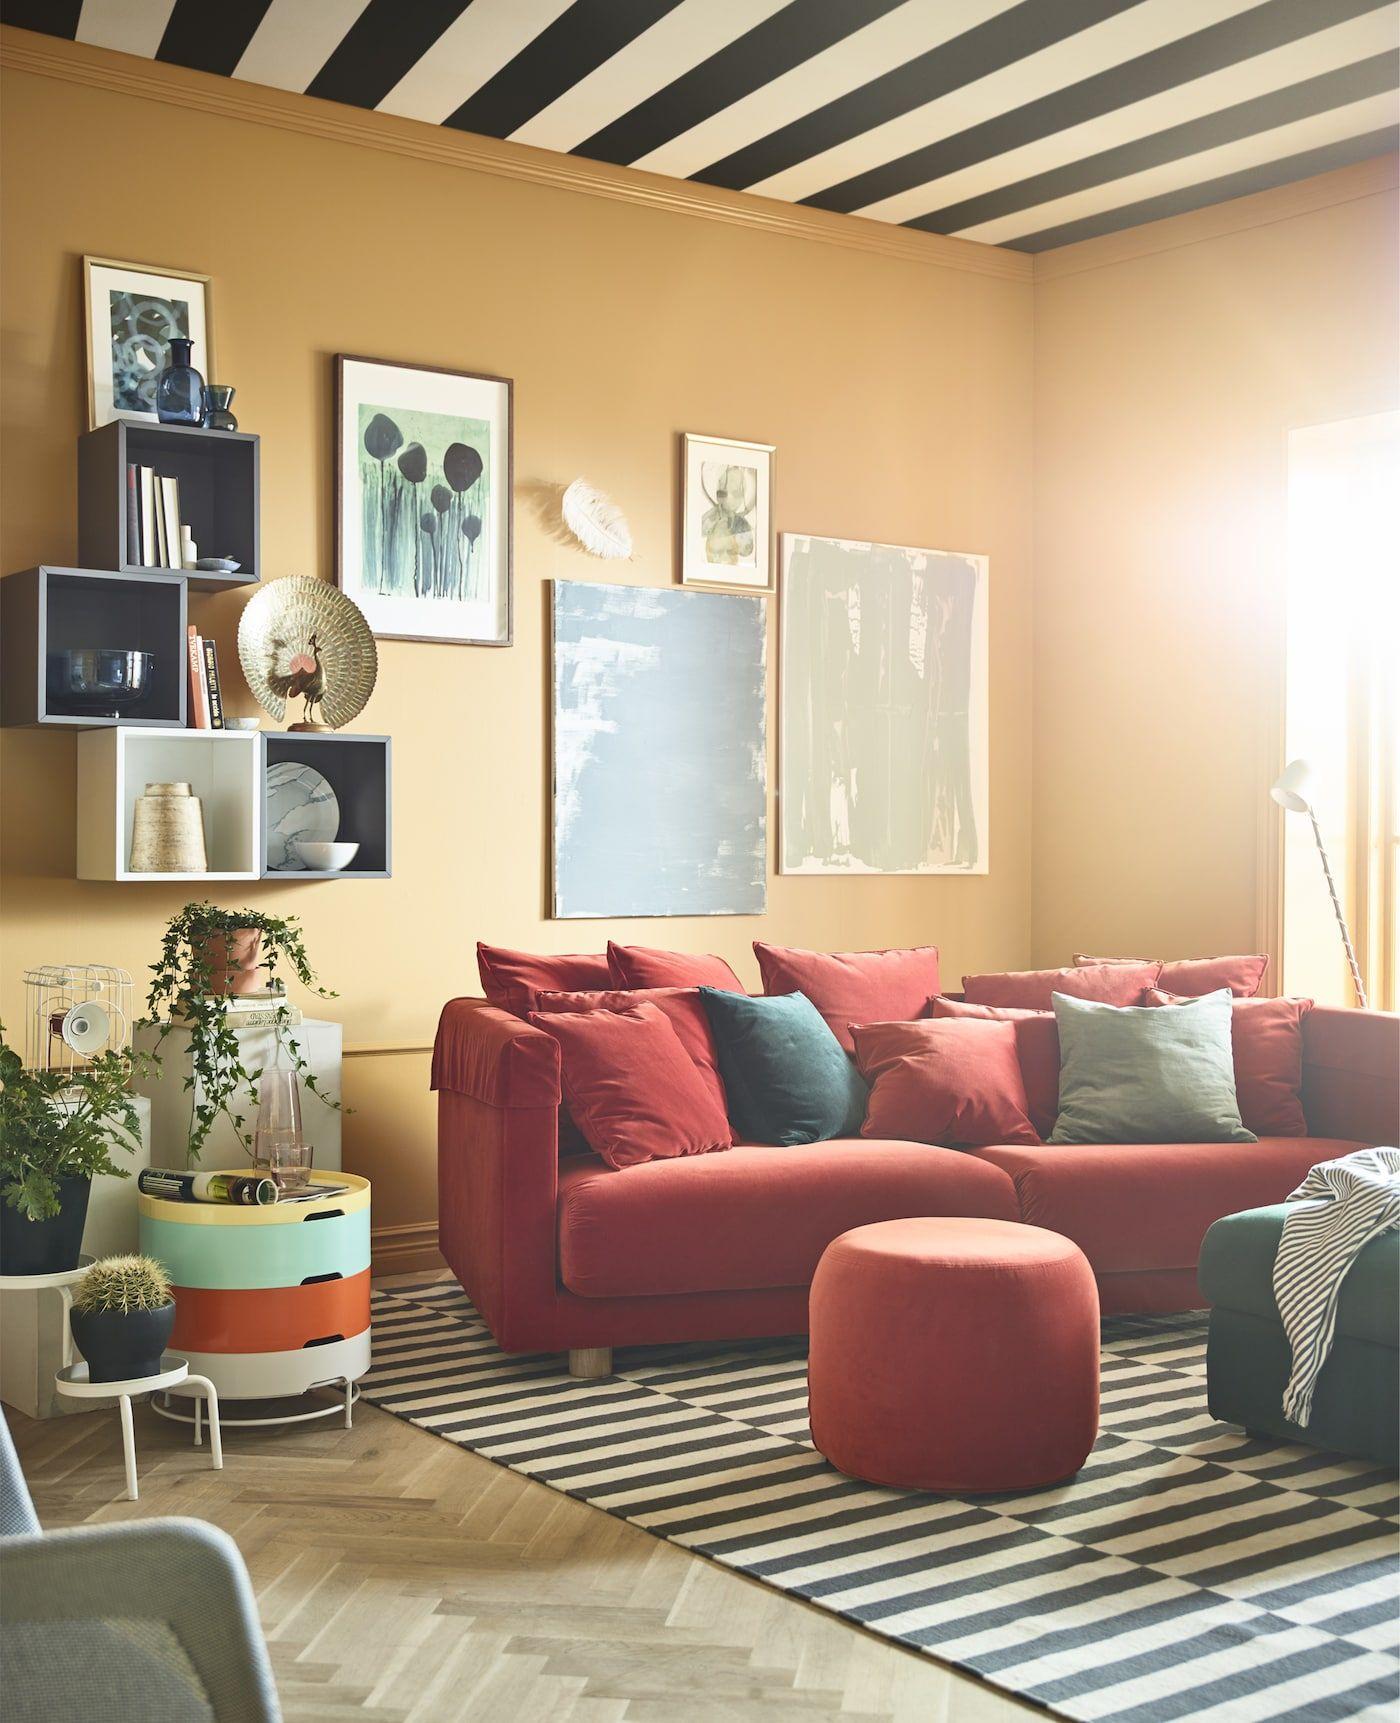 Stylistens stue: Sašas moderne vri på ei tradisjonell stue